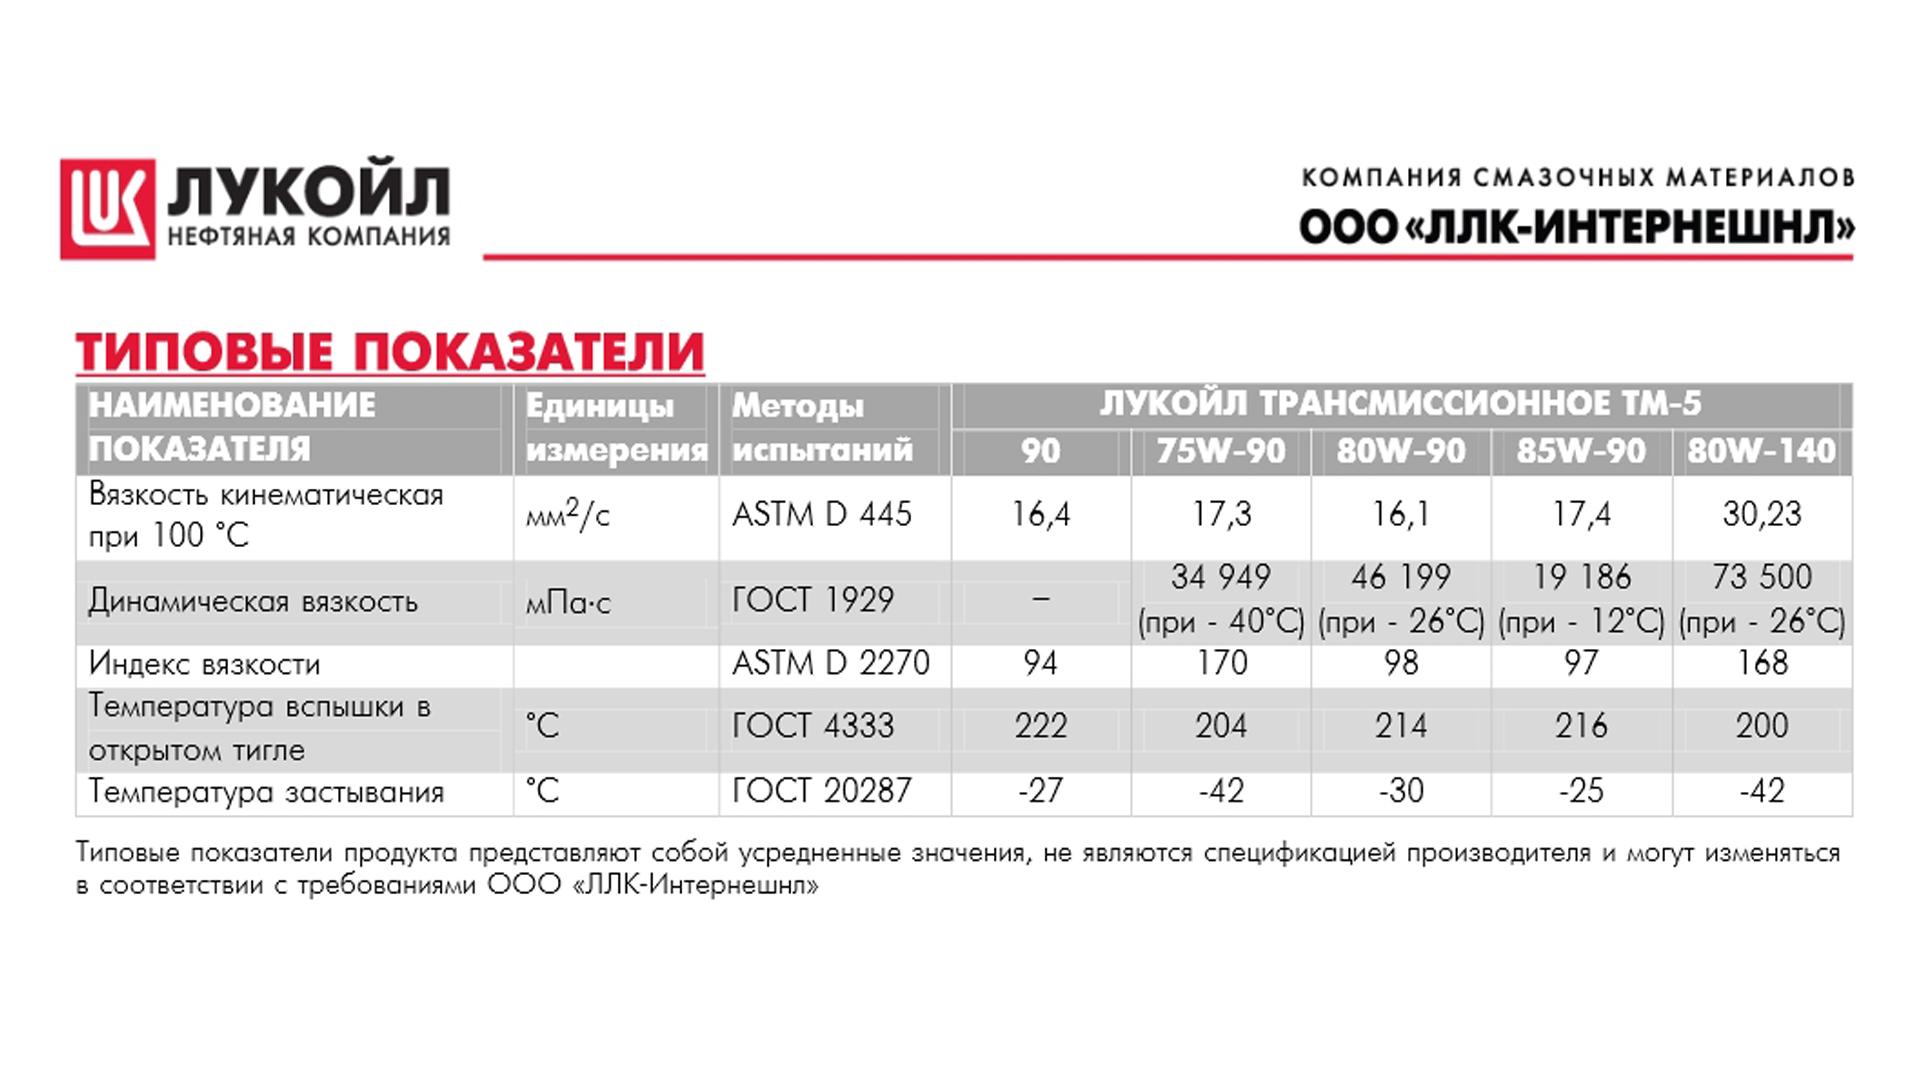 Трансмиссионное масло Лукойл в Минске